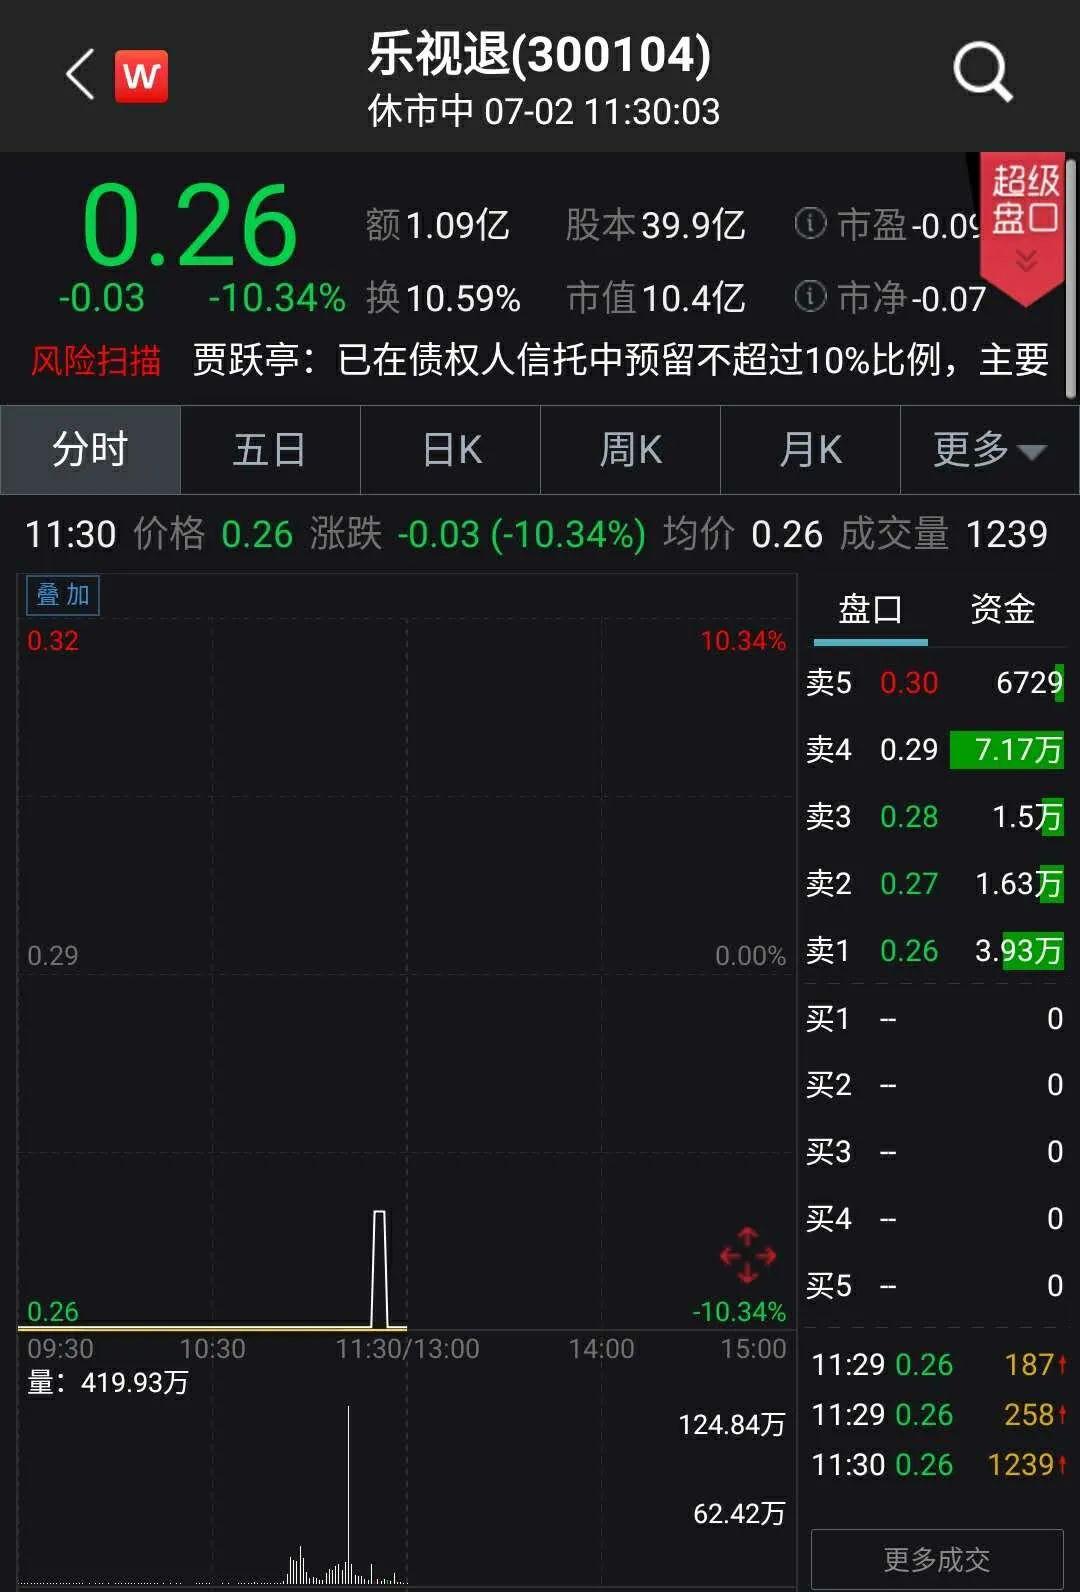 乐视退突获1亿资金抄底撬板 贾跃亭:协调乐视网股民赔偿事宜